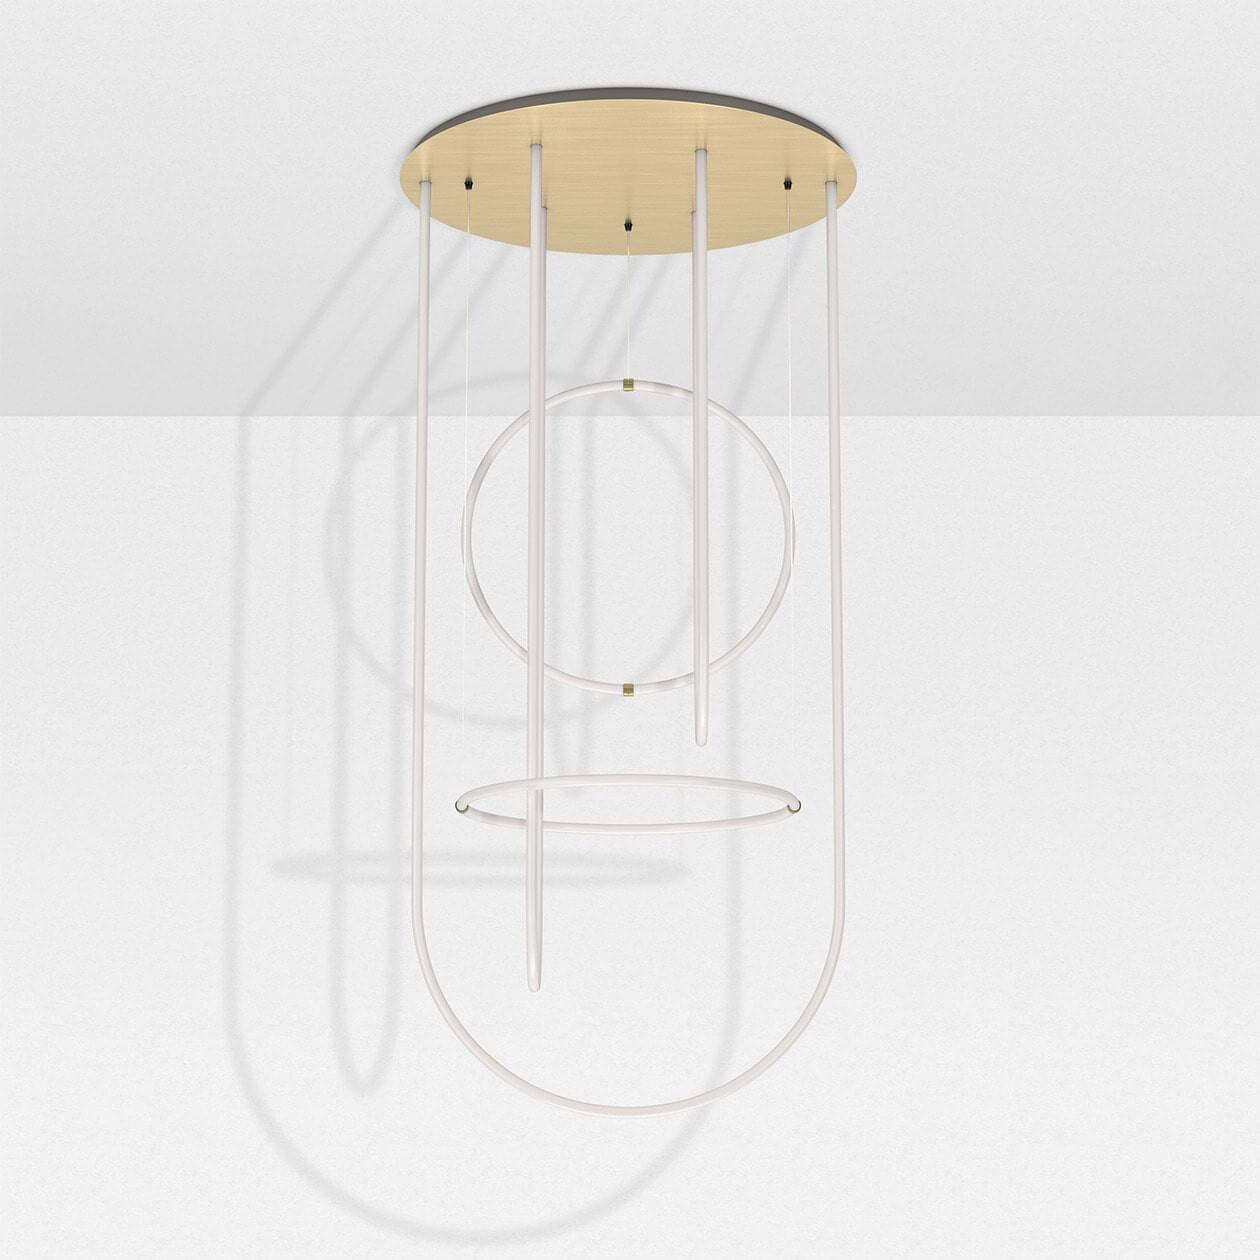 chandelier-unseen-studiopepe